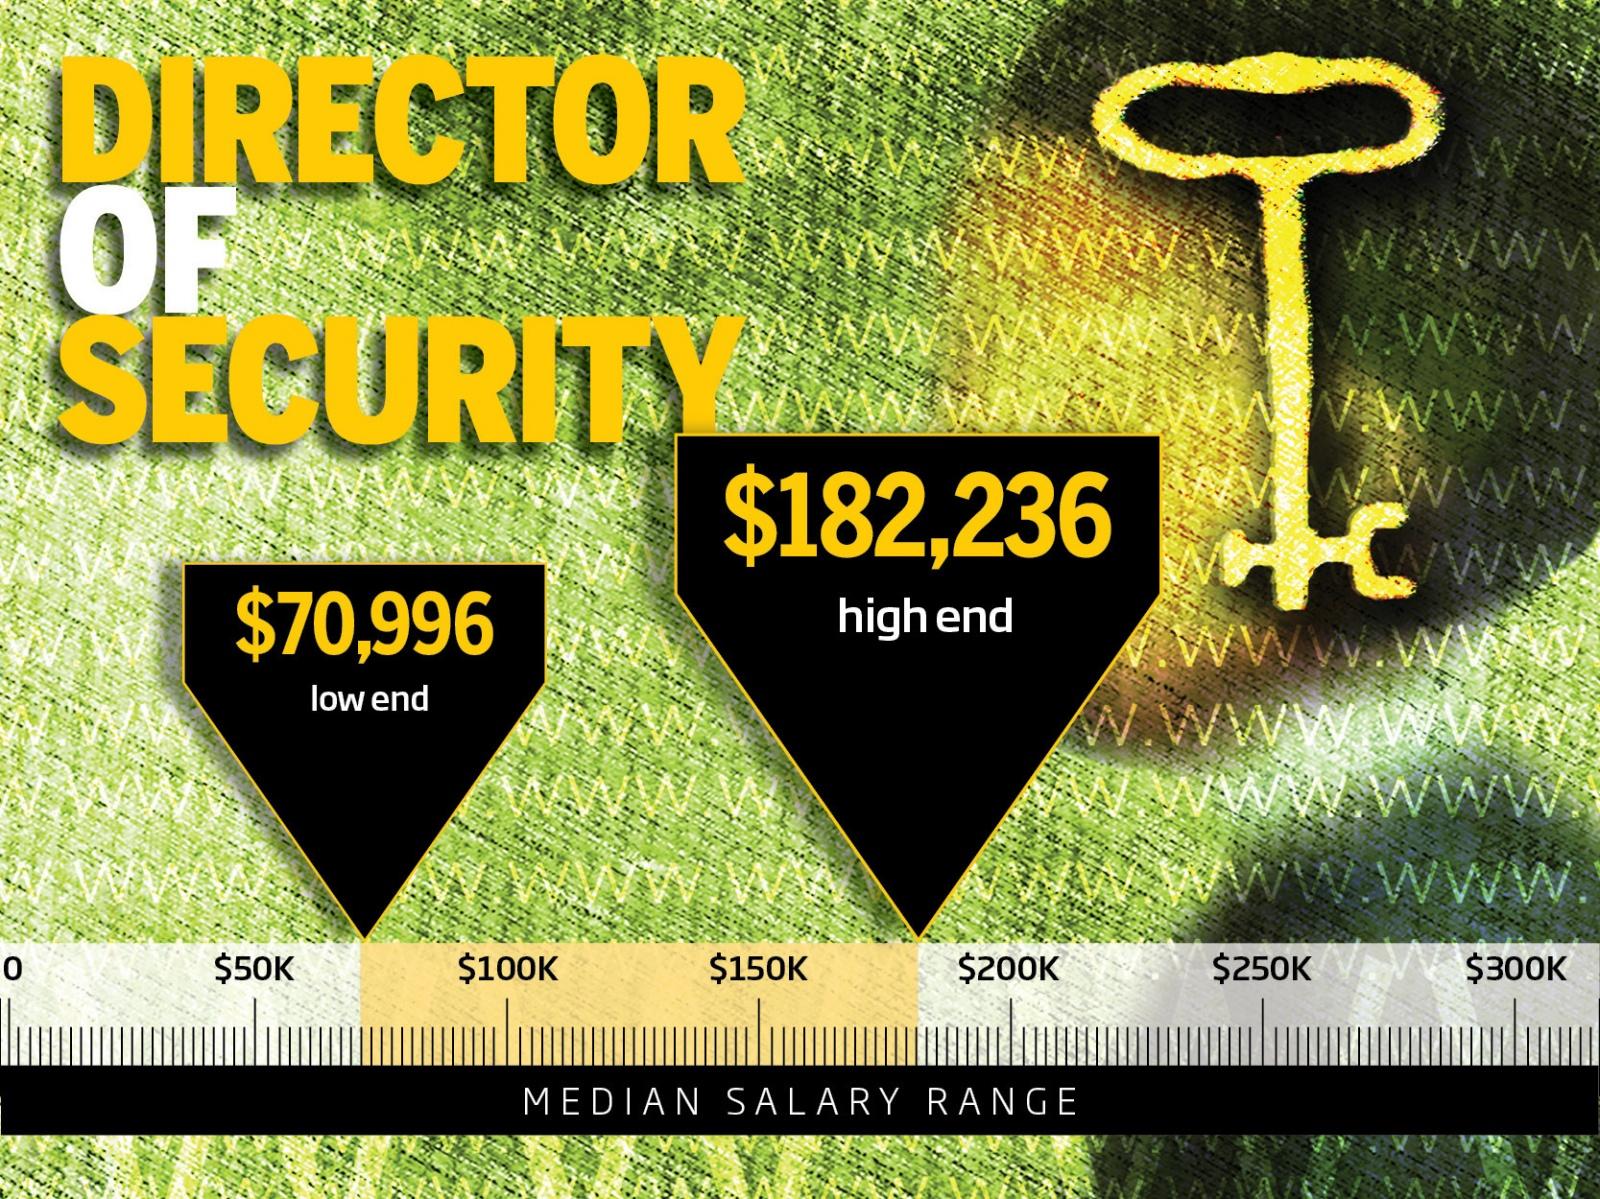 ТОП-10 самых высокооплачиваемых профессий в IT-безопасности - 7